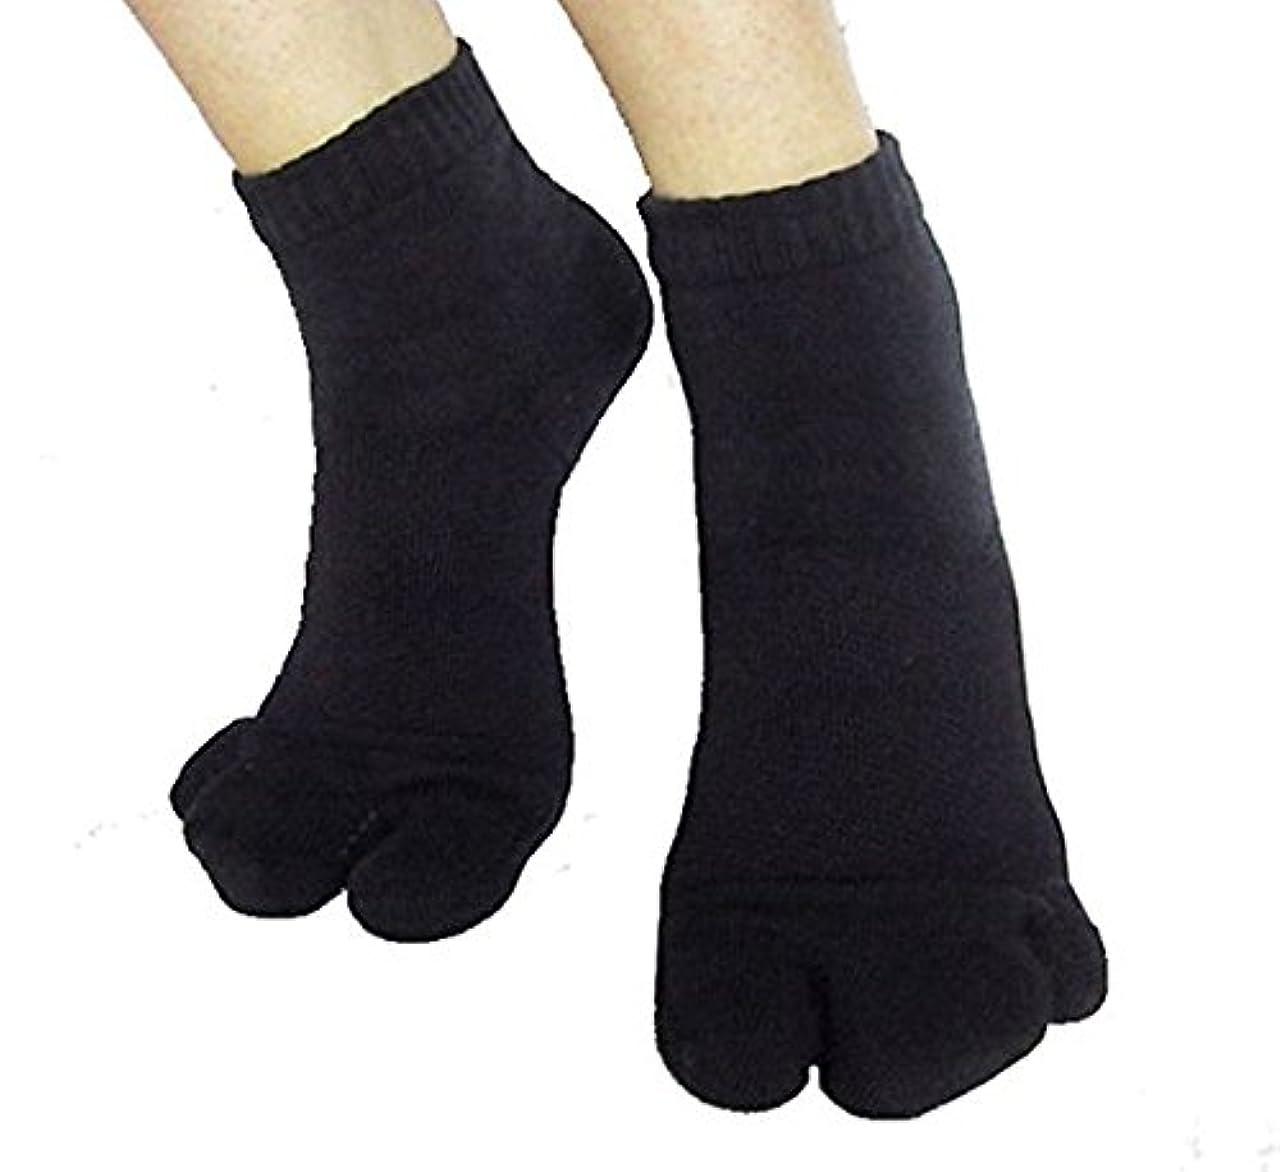 不潔腐ったエクステントカサハラ式サポーターソックス3本指靴下 (M(23.5-24.5))